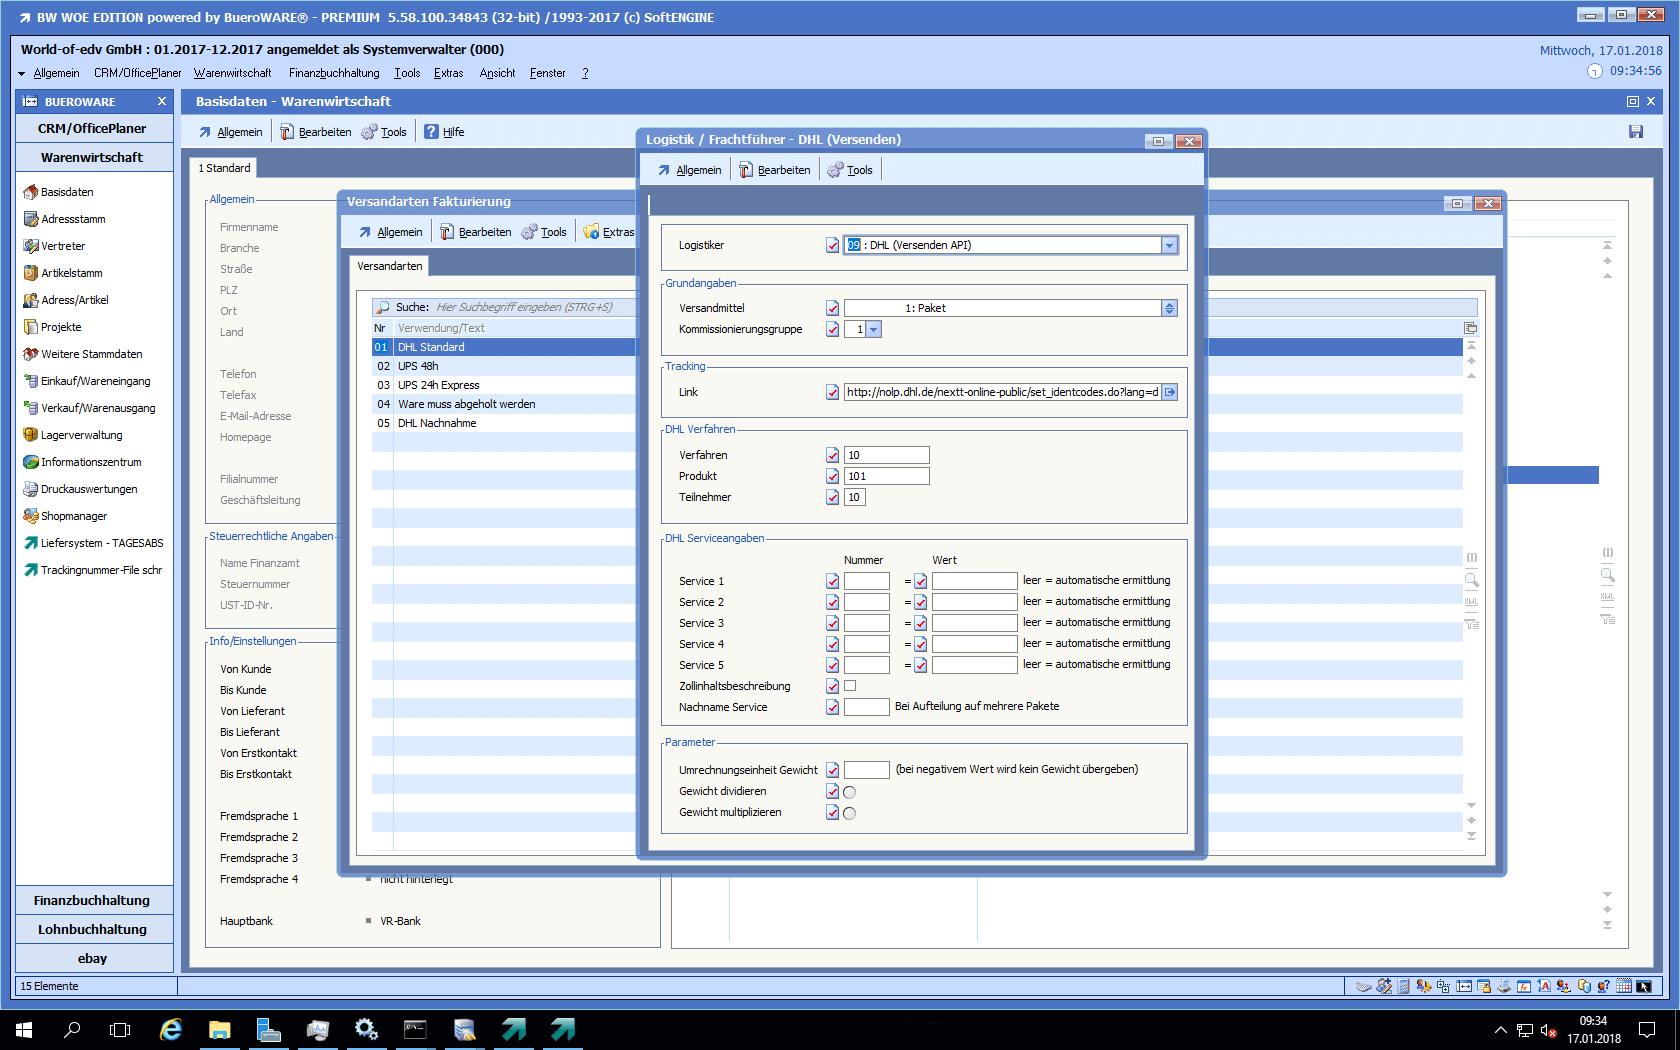 Screenshot von enem Beispielversender DHL in der BüroWARE